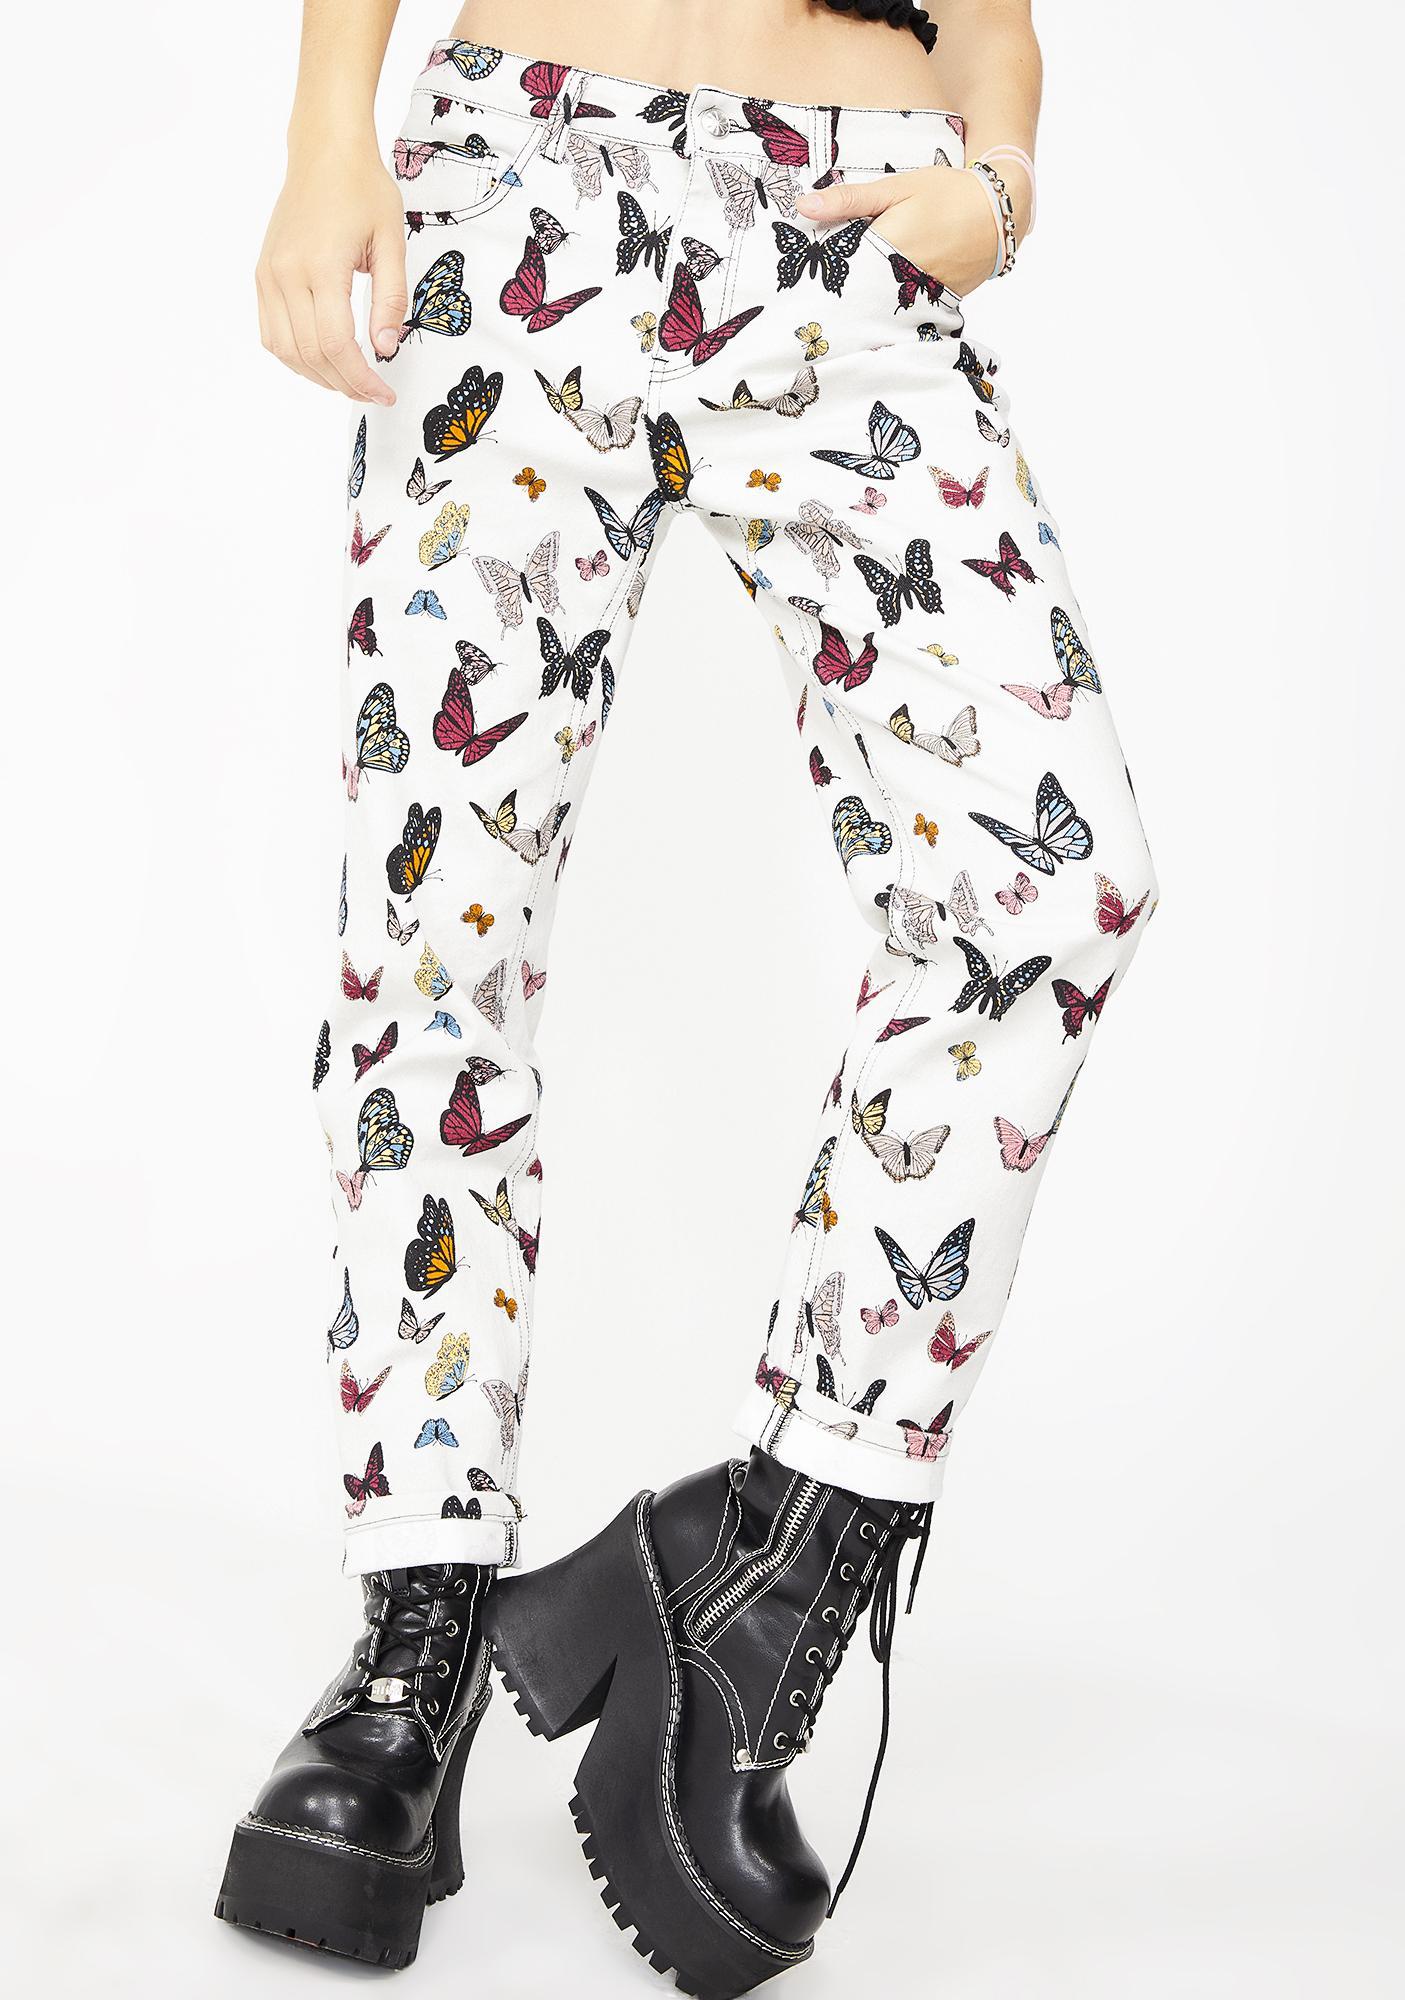 5d644c909d93 dELiA s by Dolls Kill Miss Monarch Butterfly Jeans